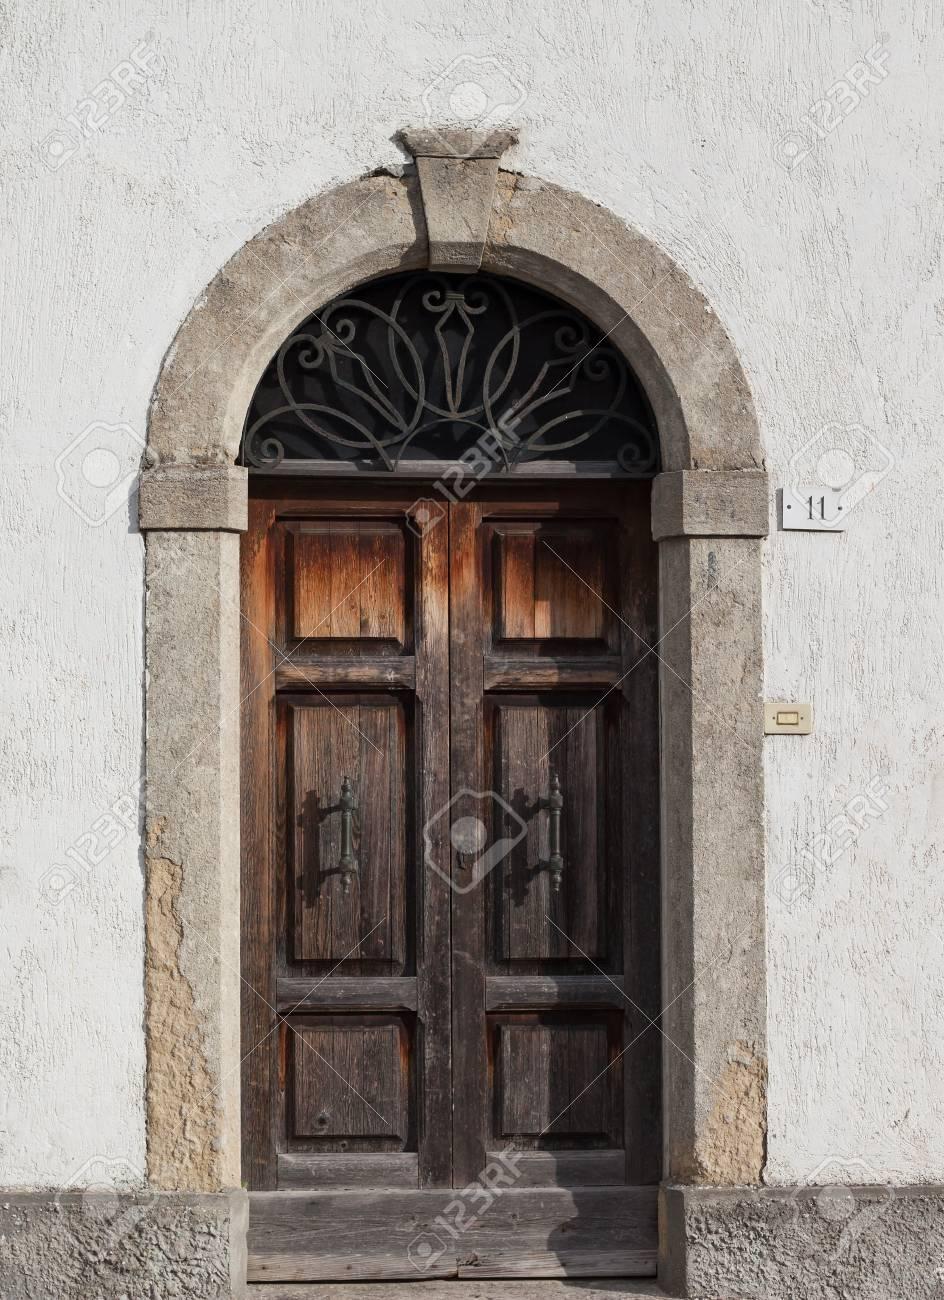 Old wooden door with beautiful metal handles close-up. - 93233800